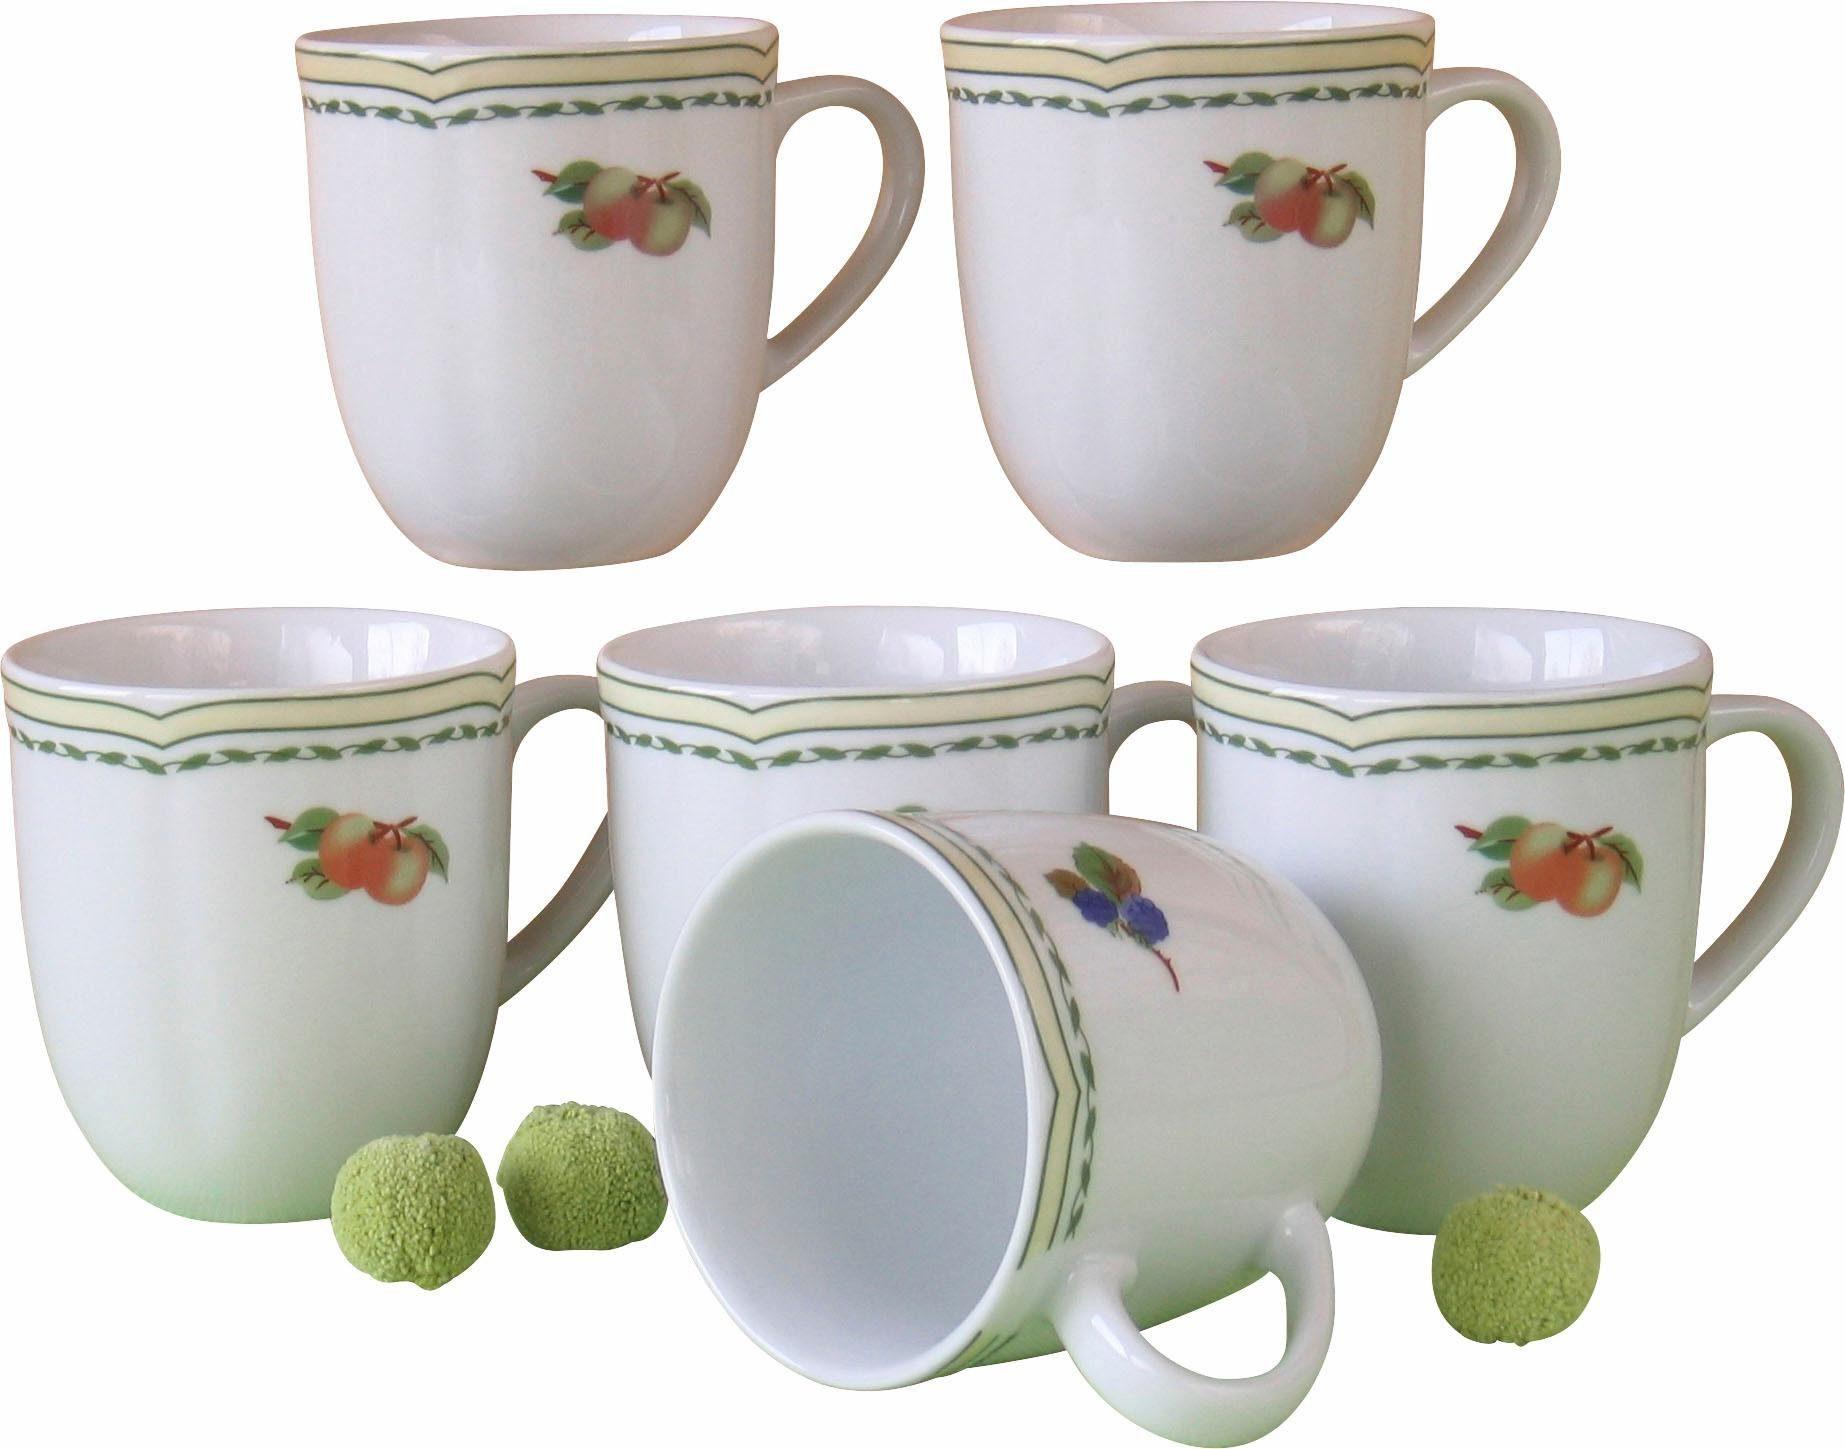 CreaTable Kaffeebecher, Porzellan, »Alba Obst« (6 Stück)